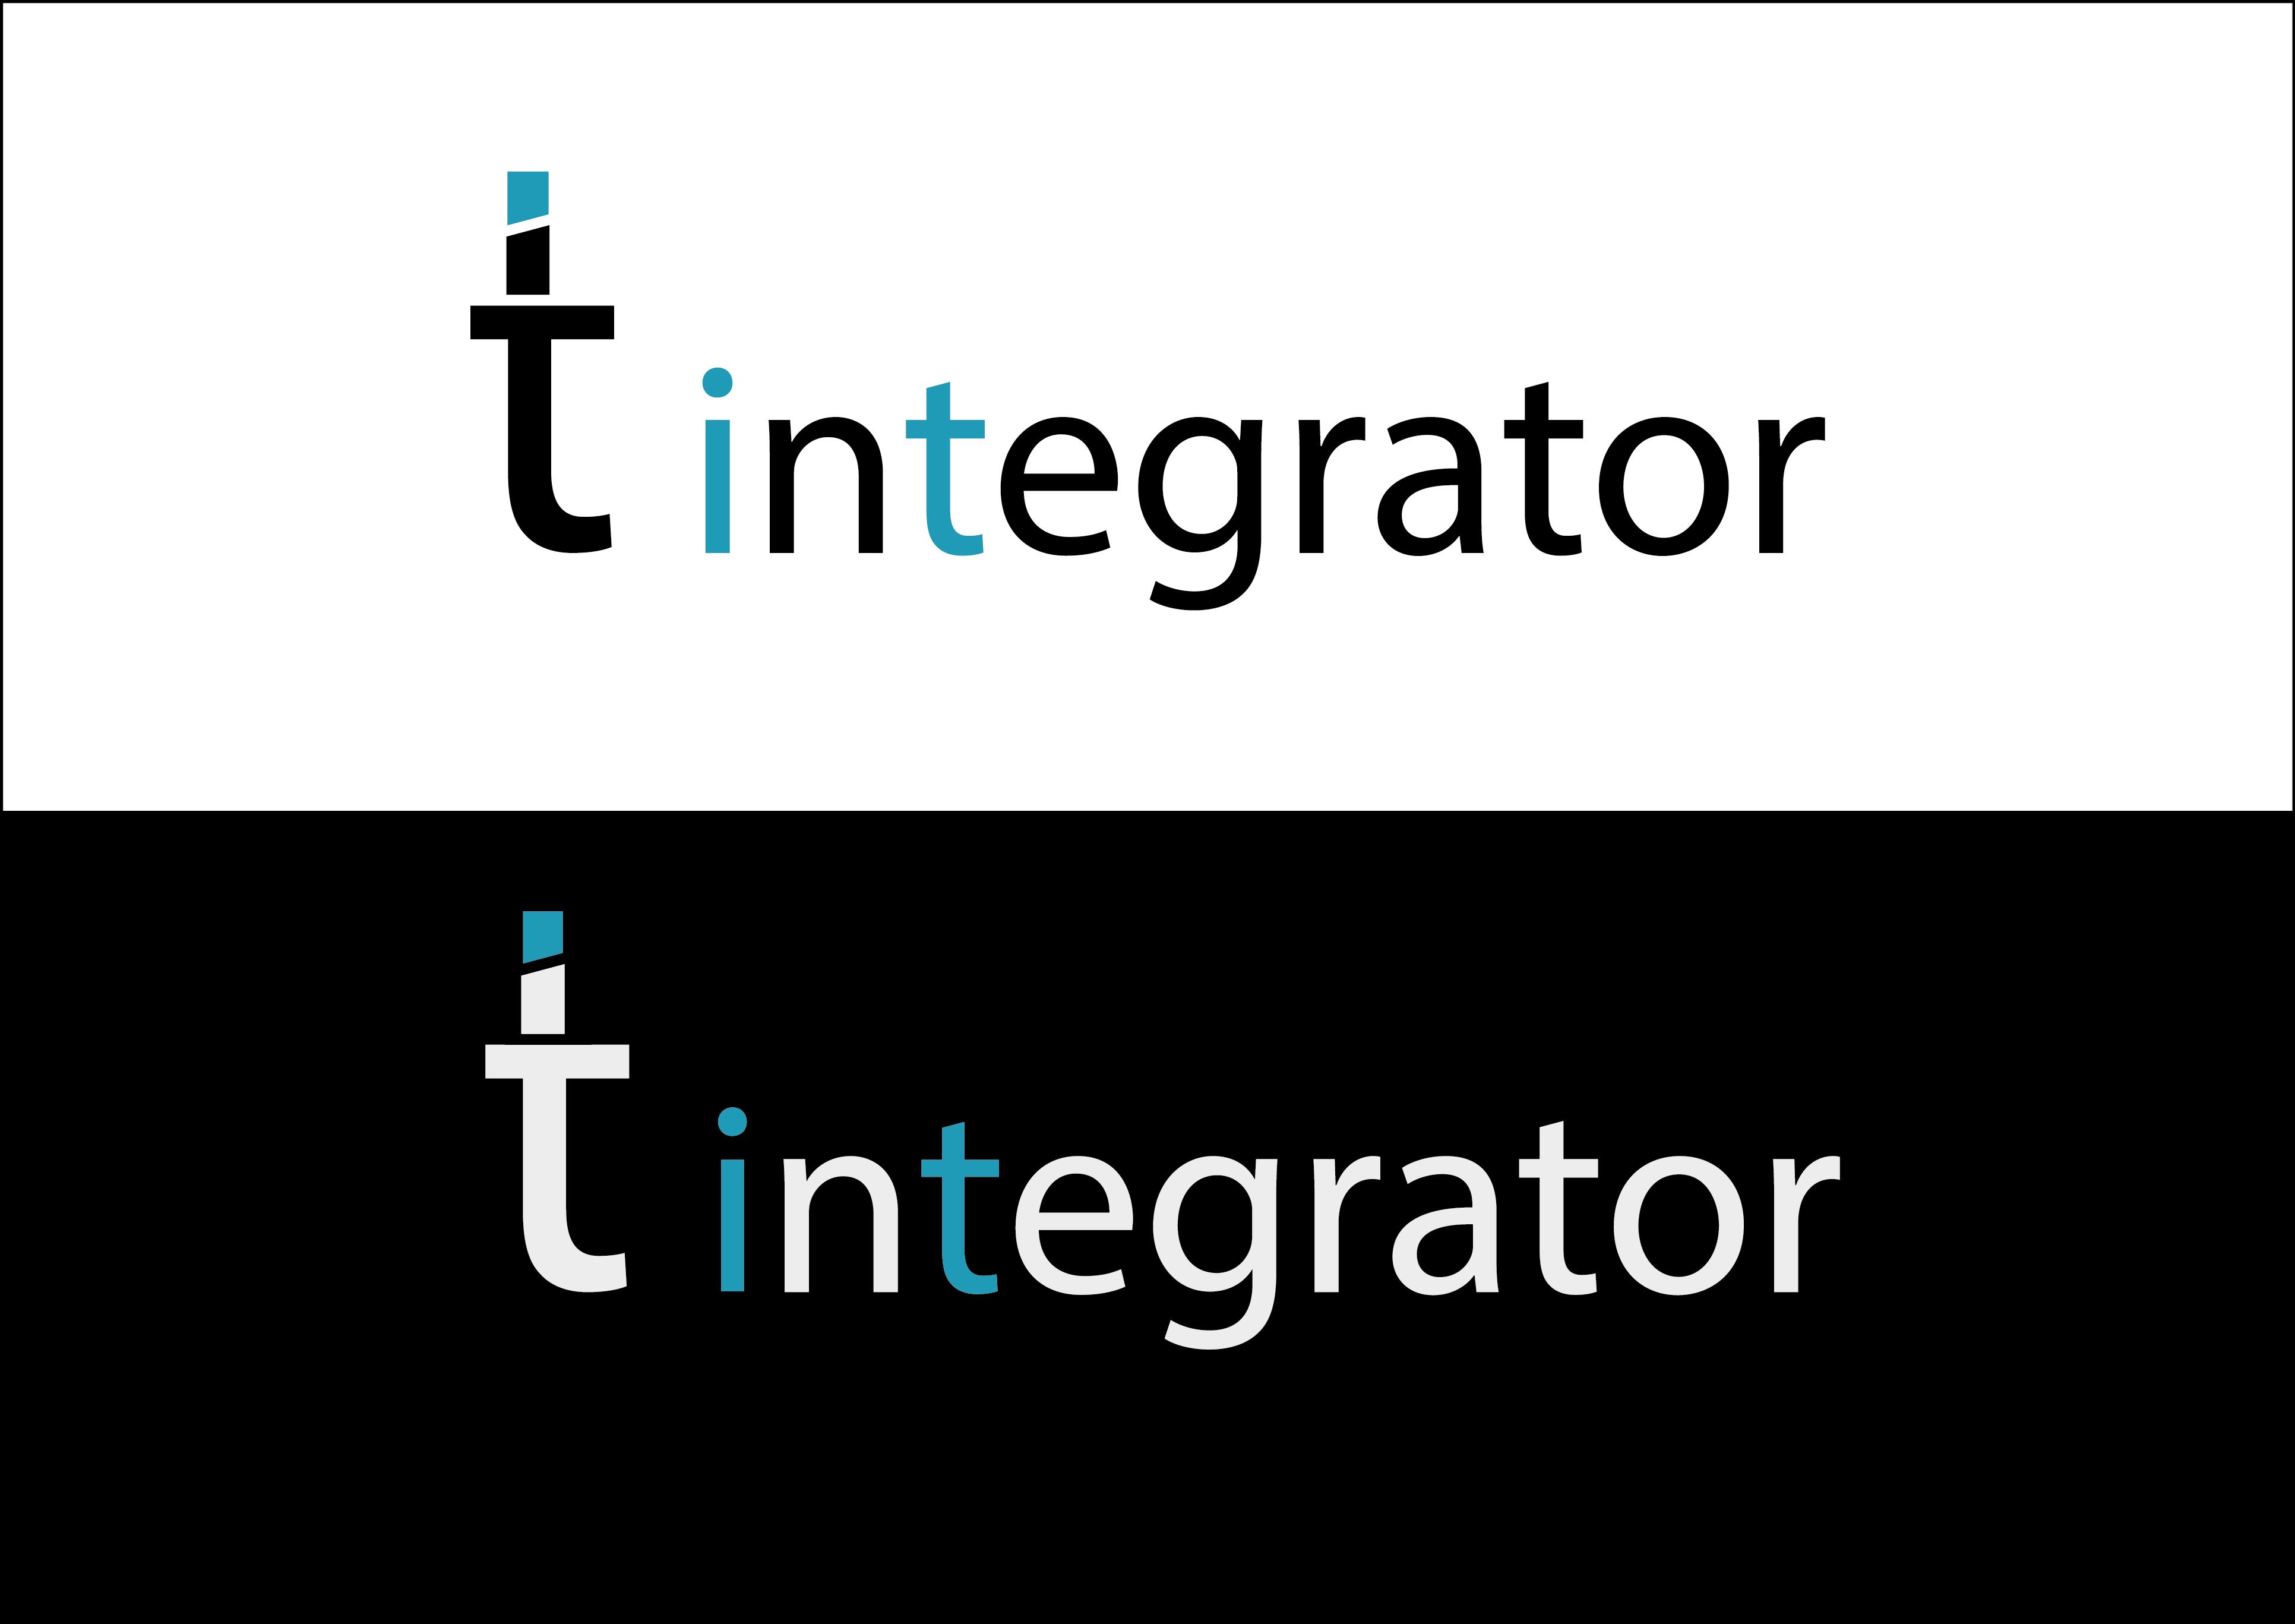 Логотип для IT интегратора фото f_346614a51c75eafa.png